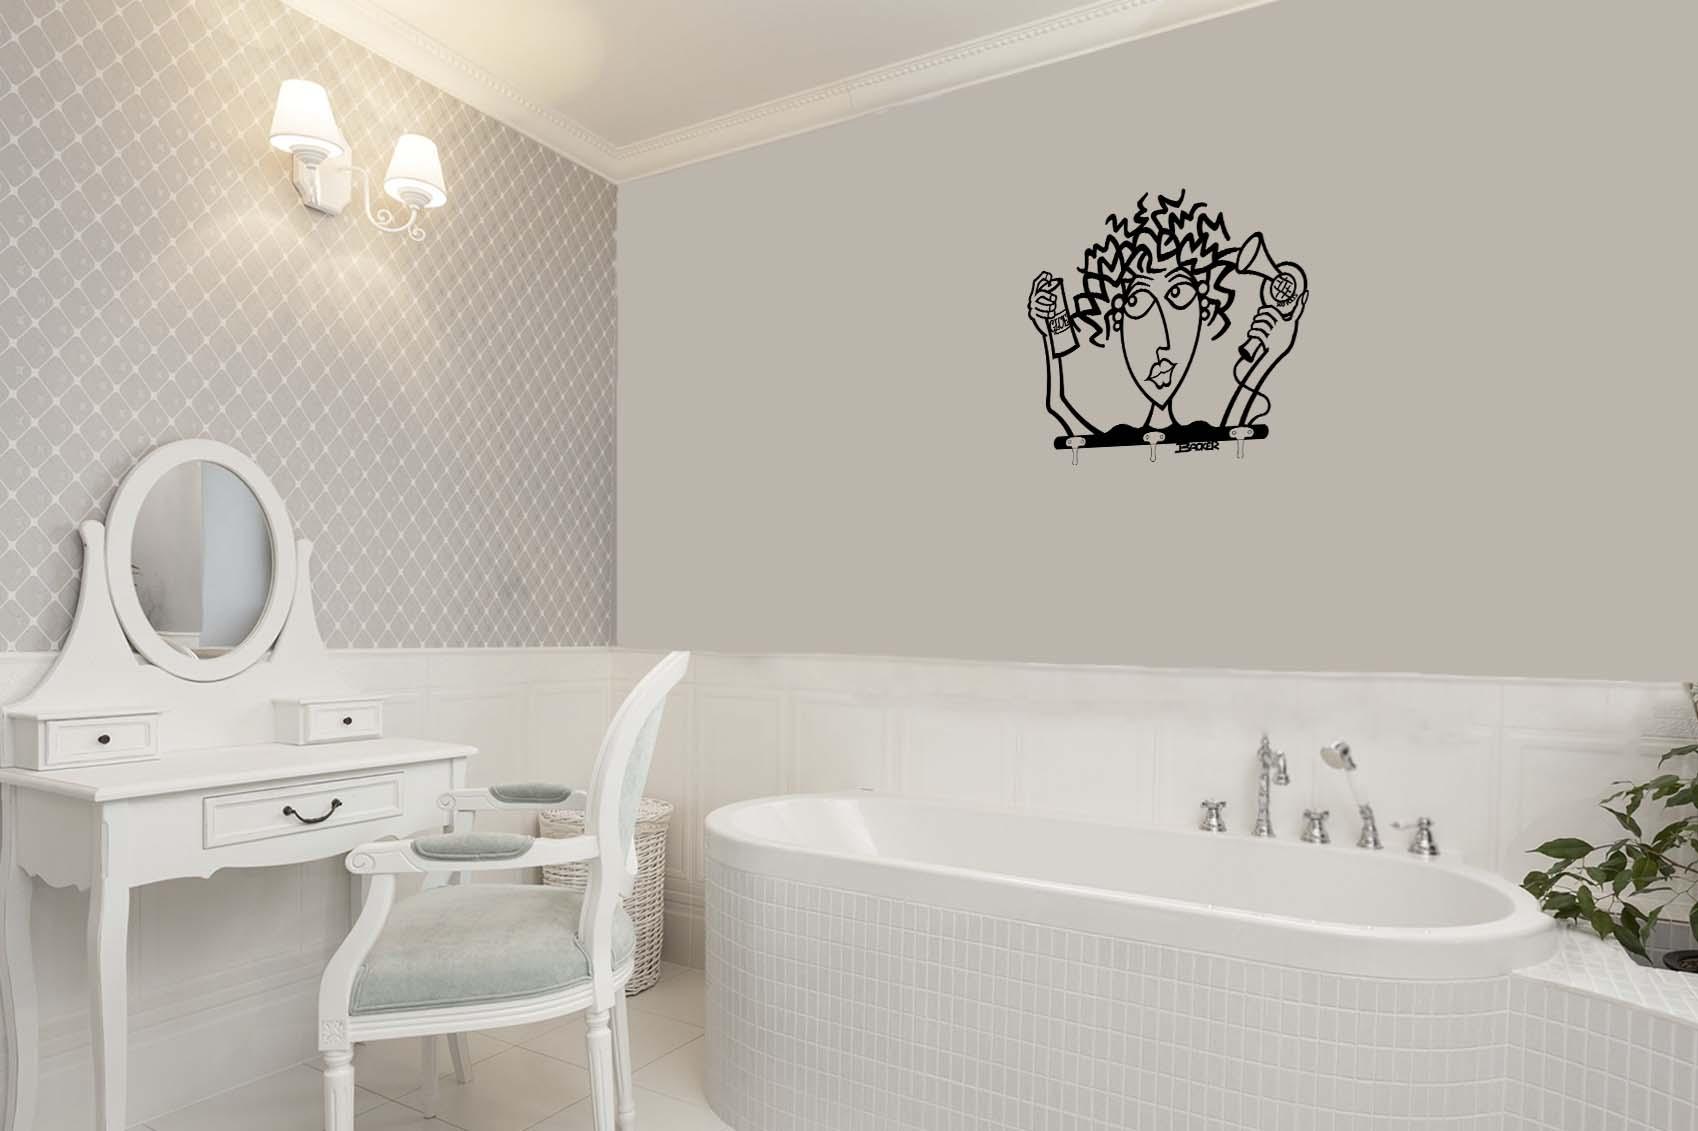 Bathroom metal wall art